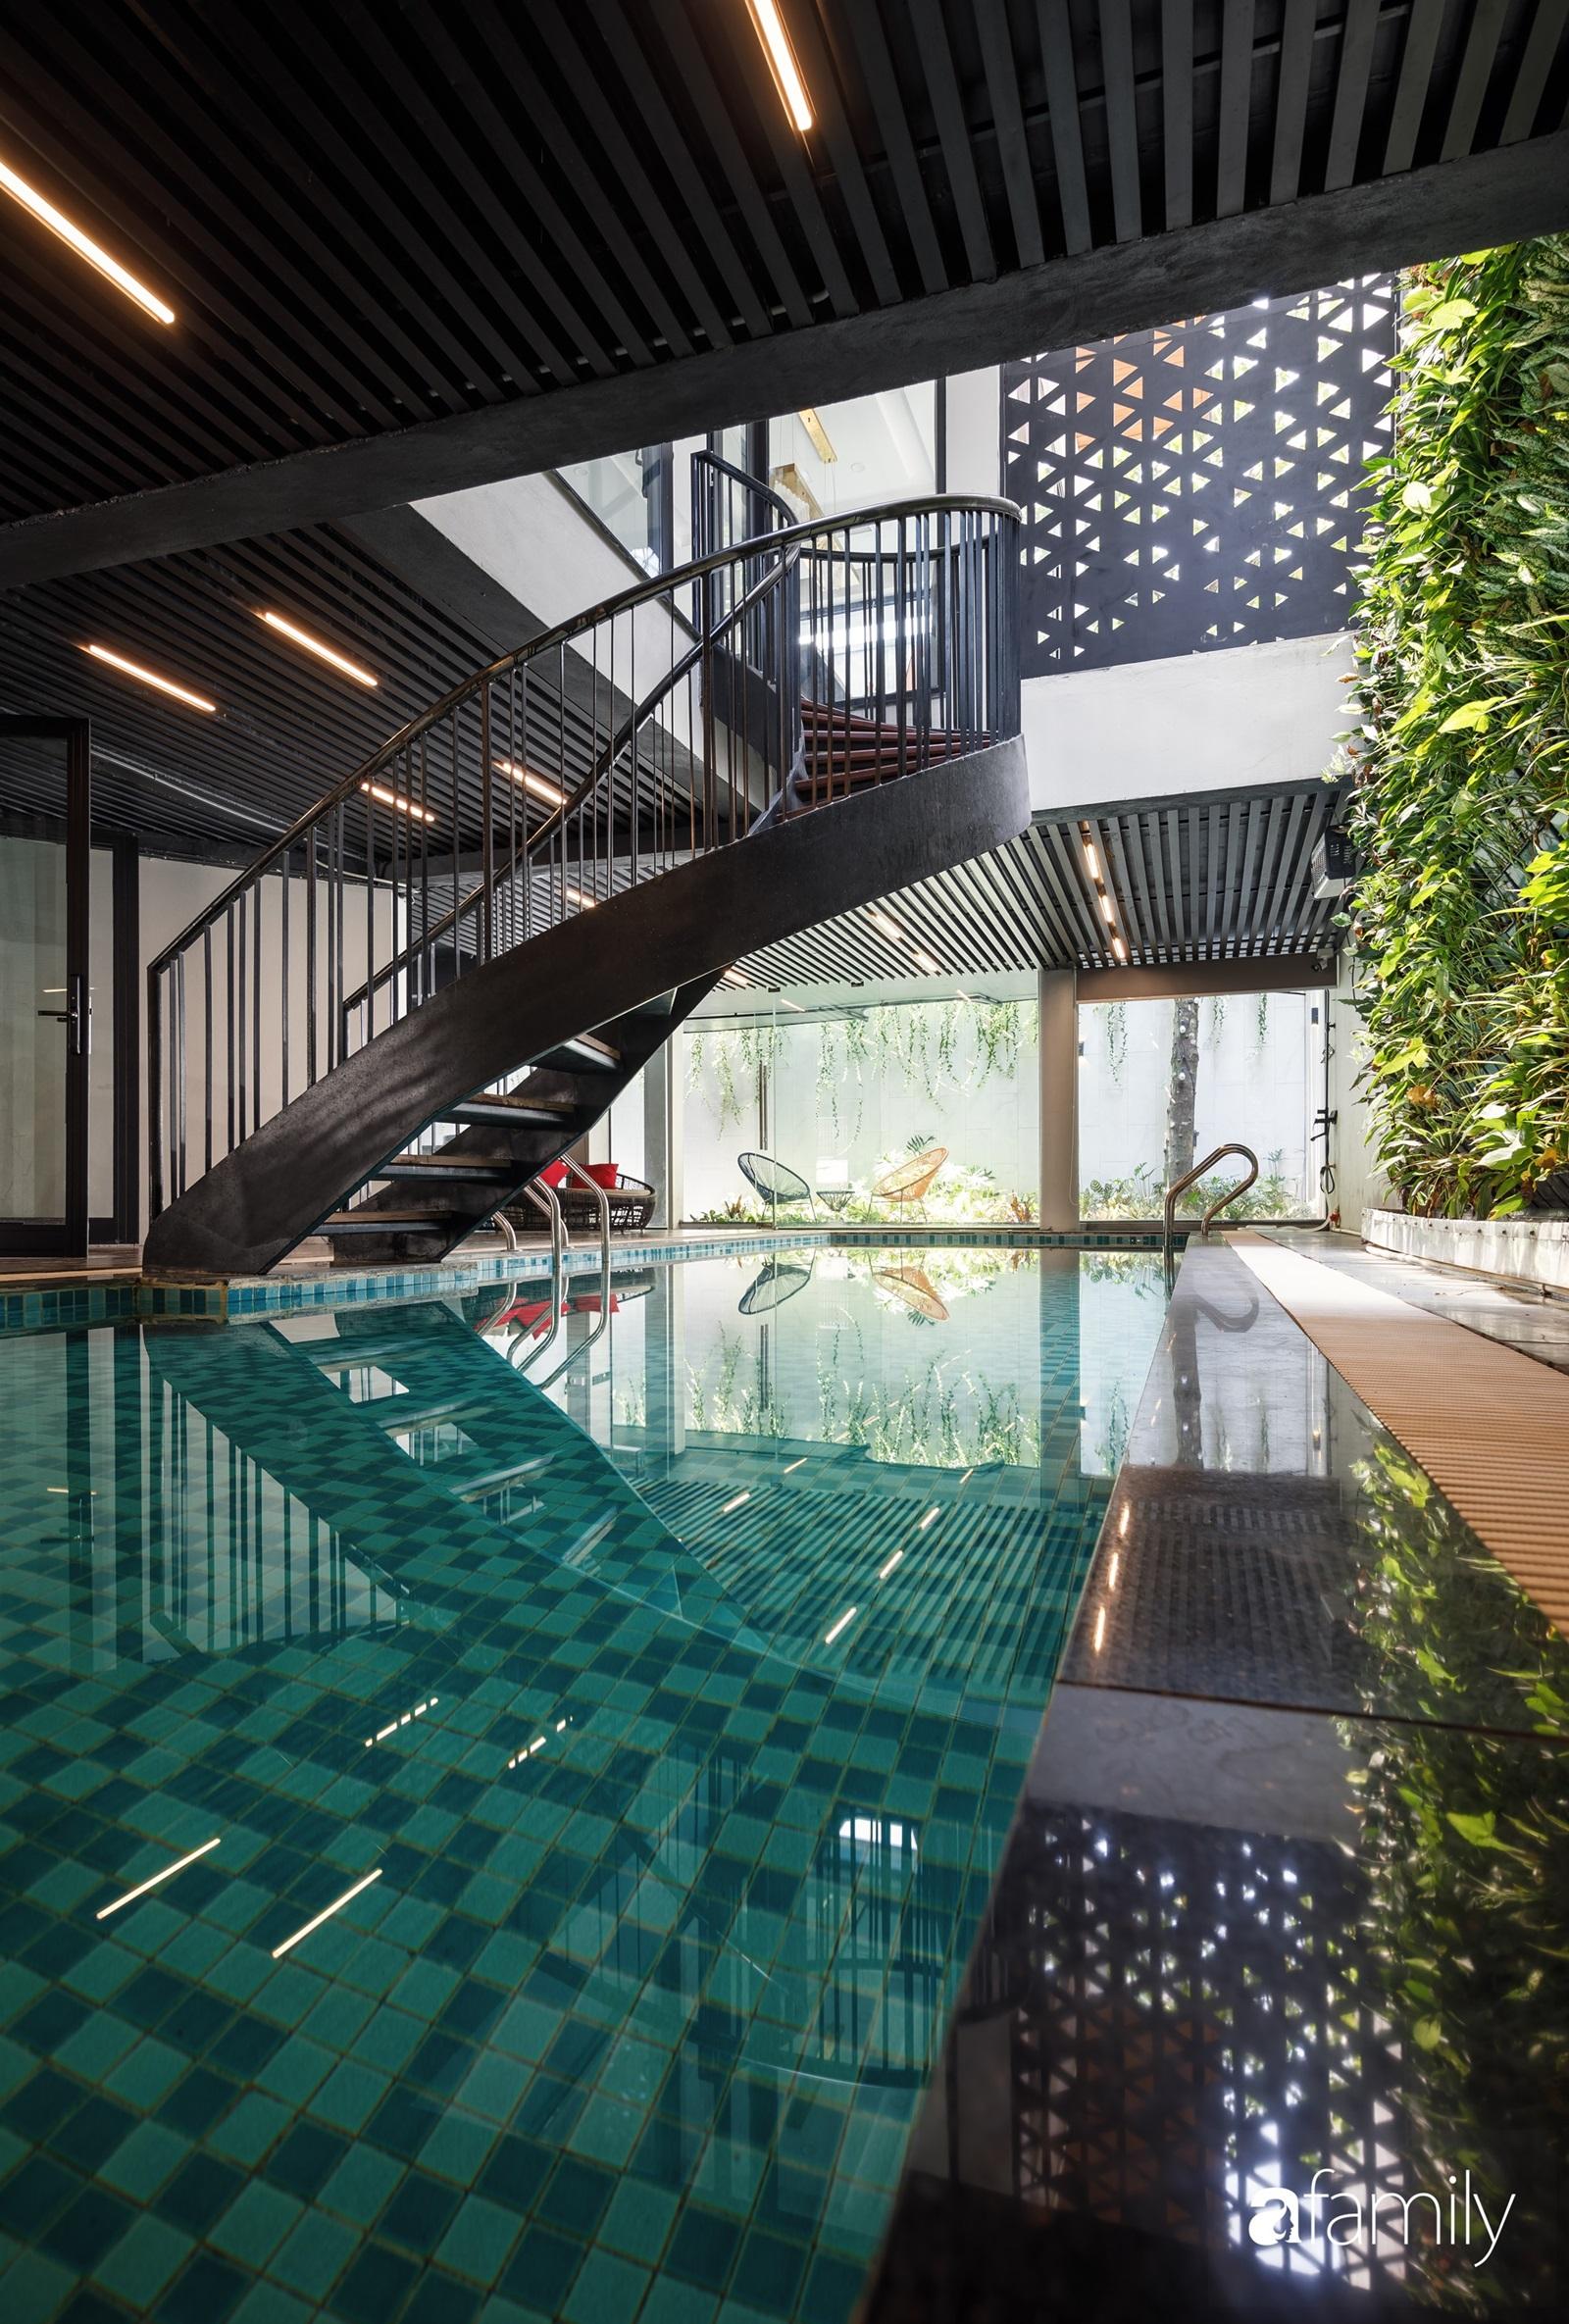 Biệt thự vườn phóng khoáng, hiện đại ở ngoại thành Hà Nội - Ảnh 8.